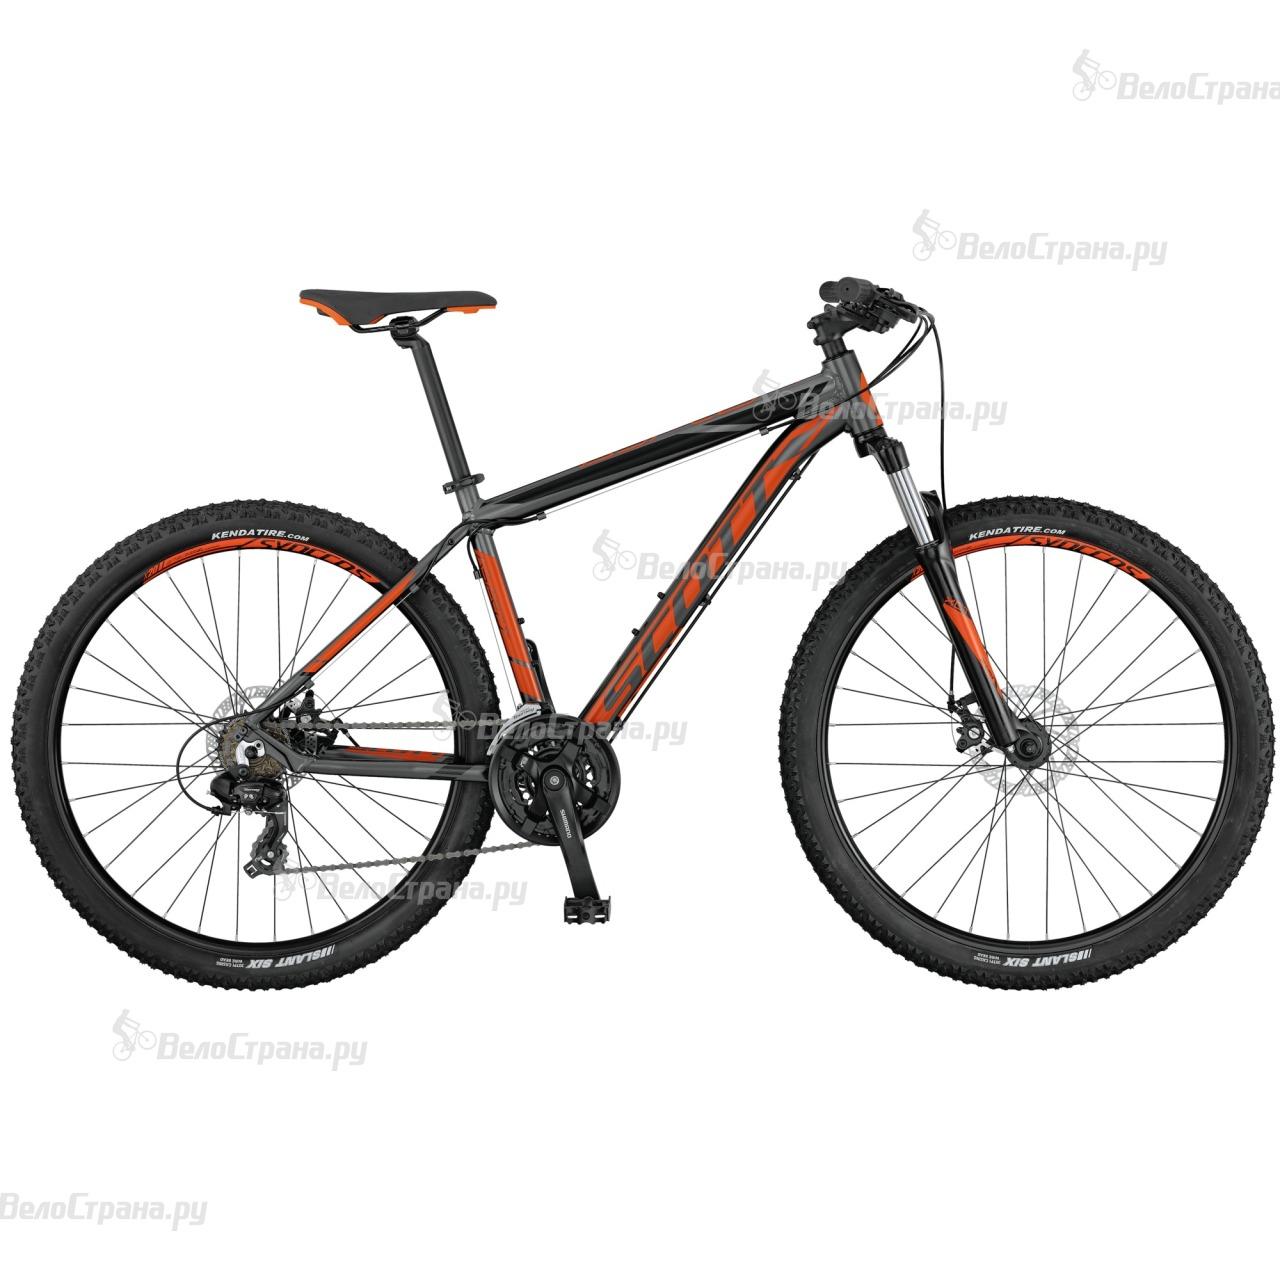 Вело��ипед Scott Aspect 970 (2017)